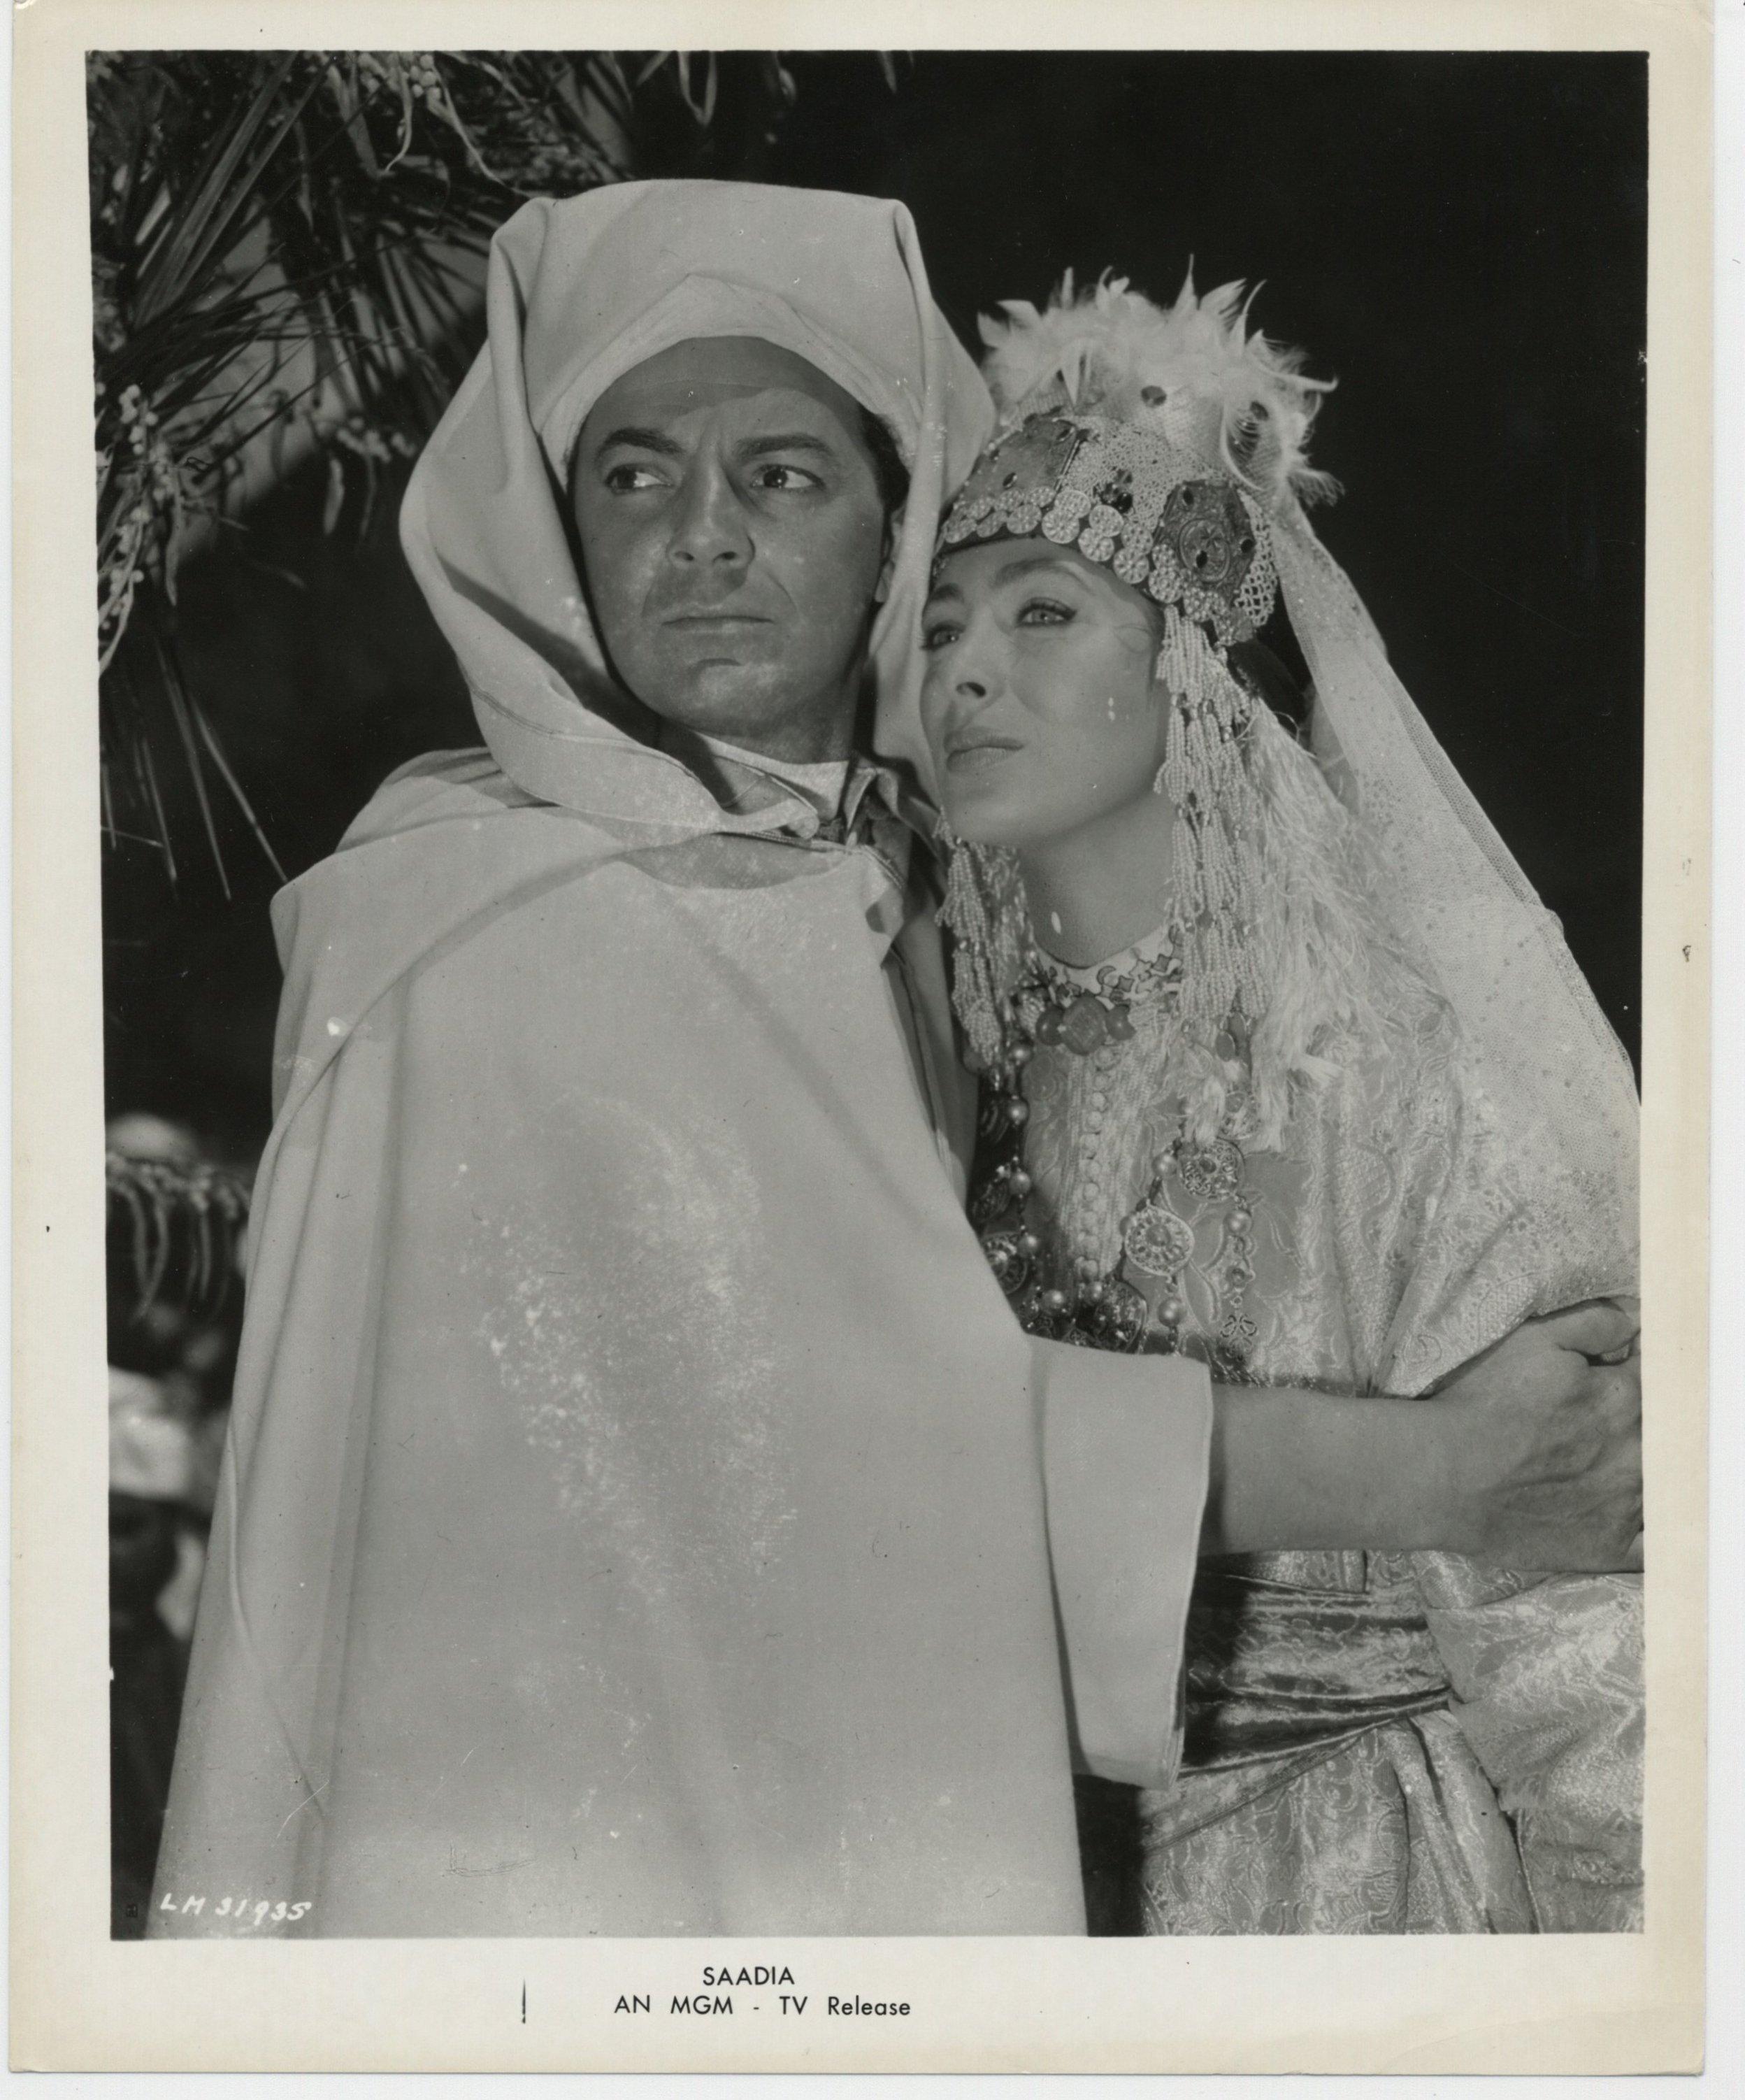 Rita Gam and Cornel Wilde in Saadia (1953)